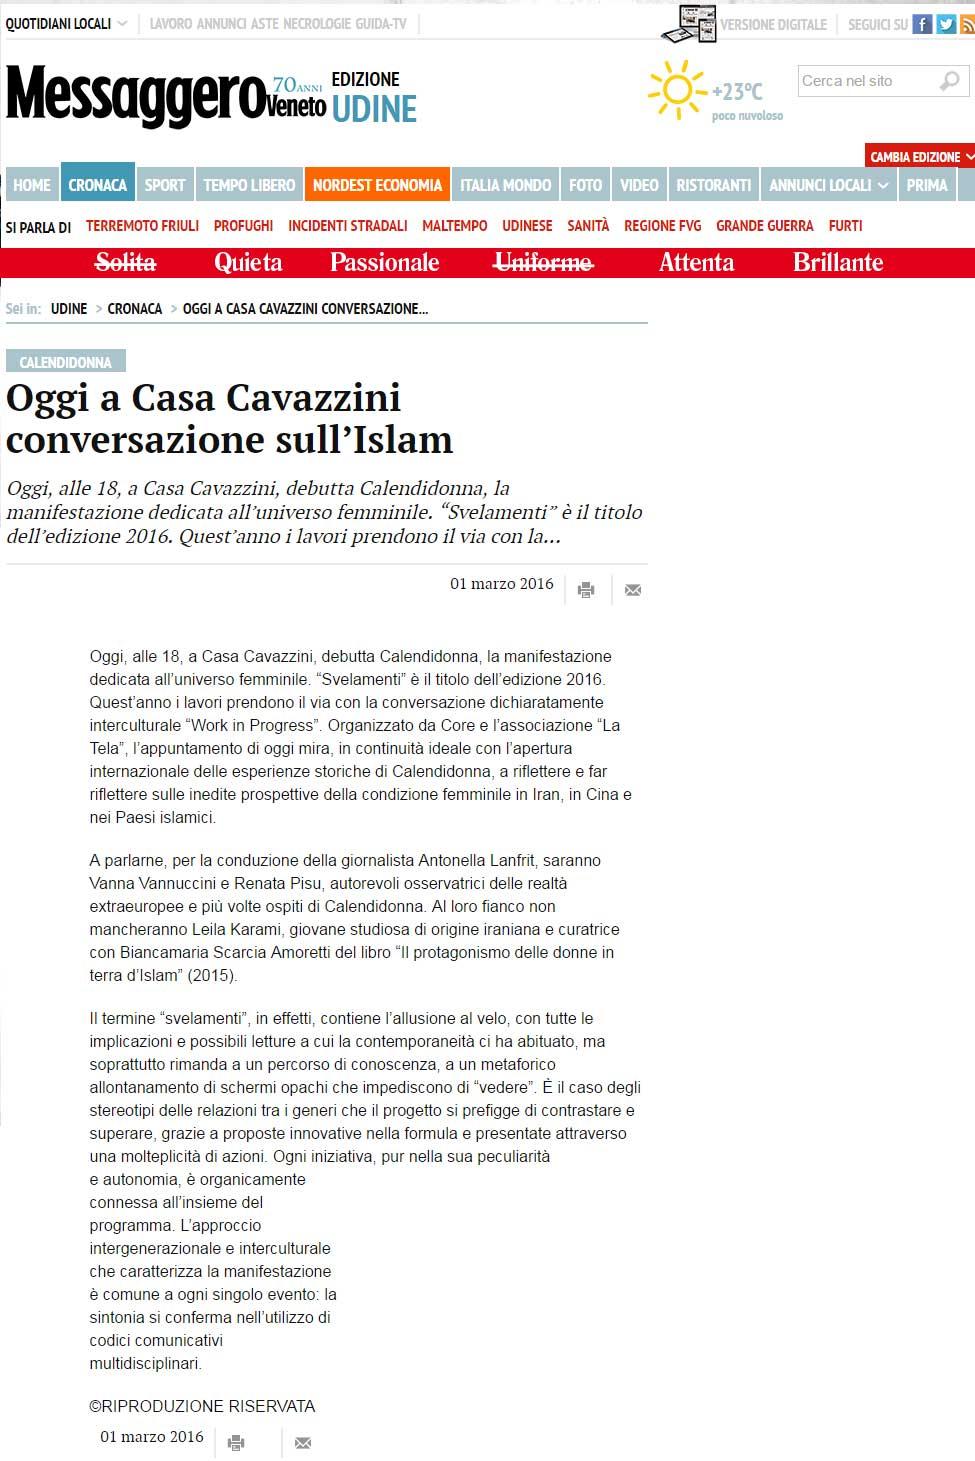 Messaggero Veneto: Calendidonna 2016 – Conversazione sull'Islam